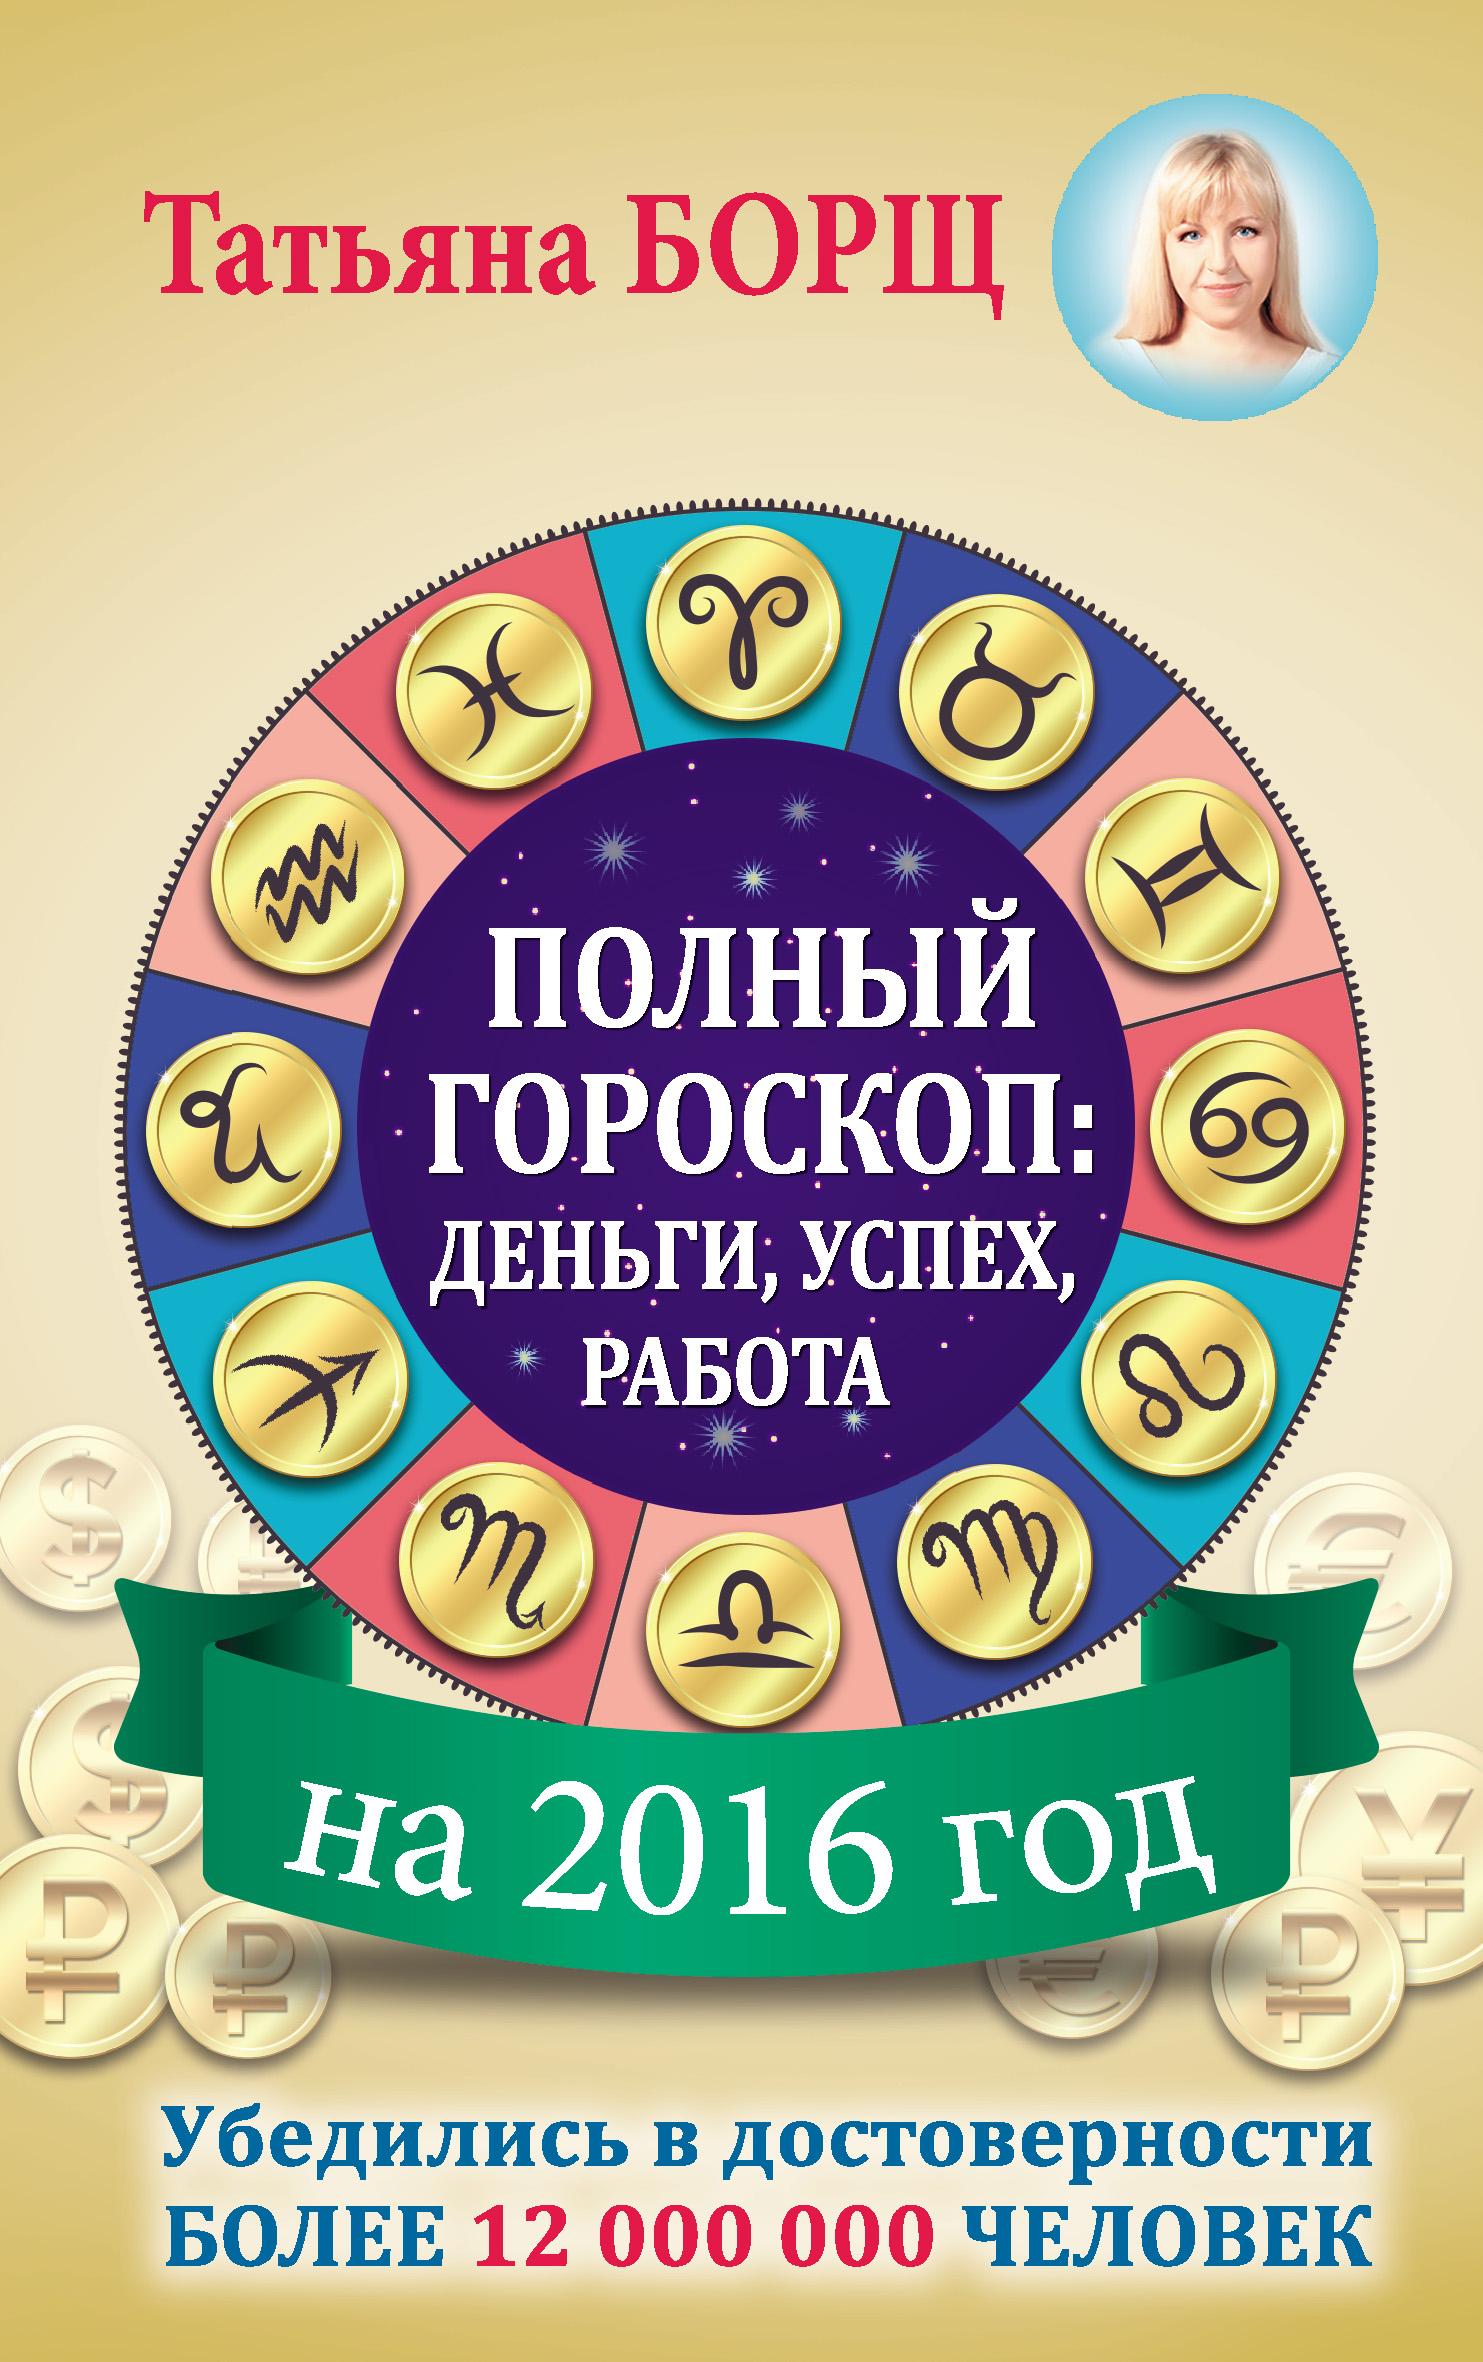 Татьяна Борщ Полный гороскоп на 2016 год: деньги, успех, работа цена